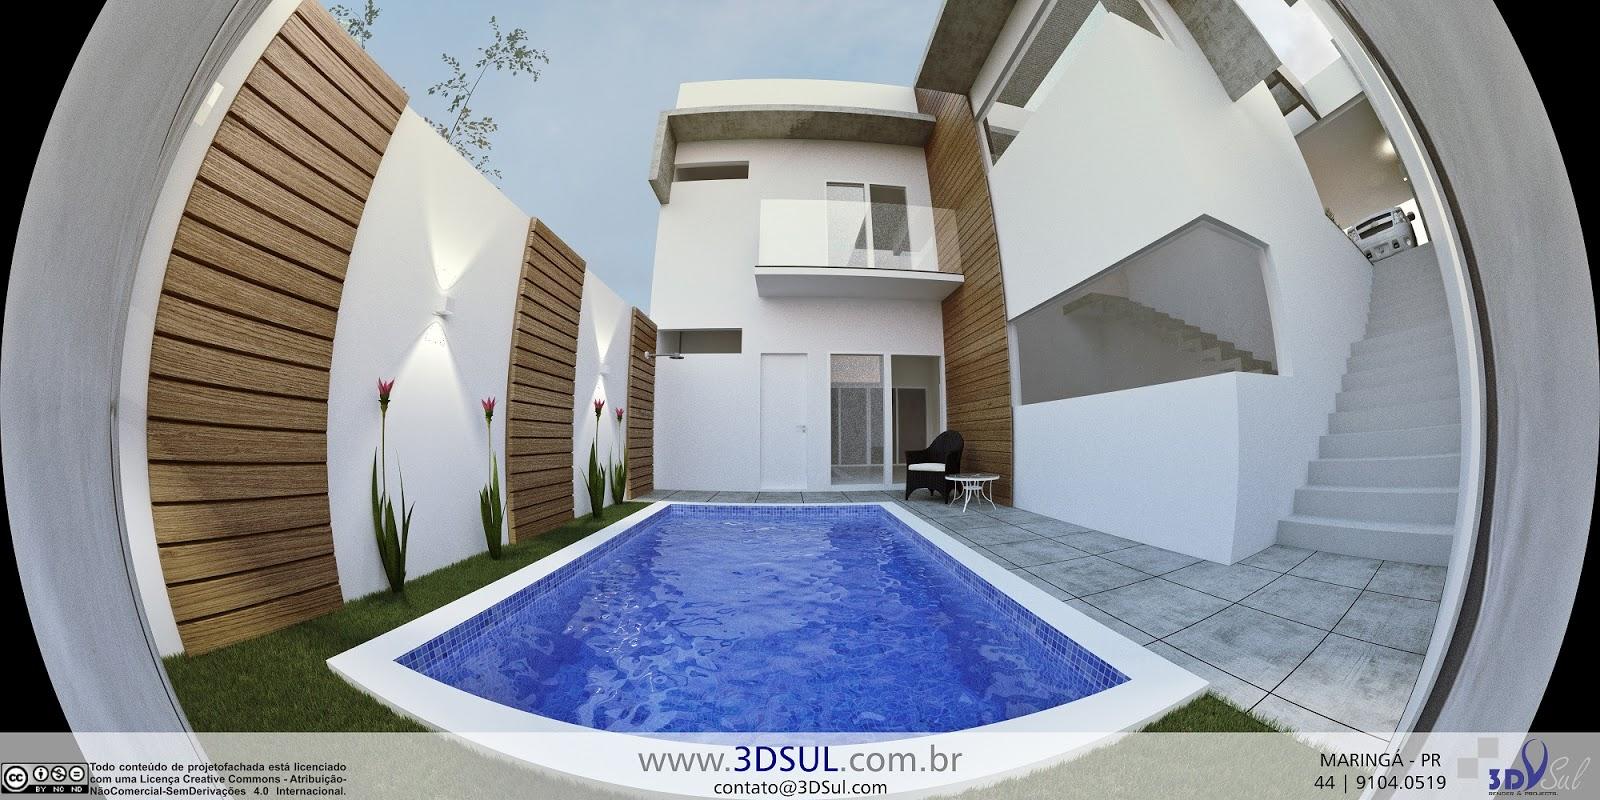 3dsul maquete eletr nica 3d projeto arquitetonico 3d for Casa moderna piscina